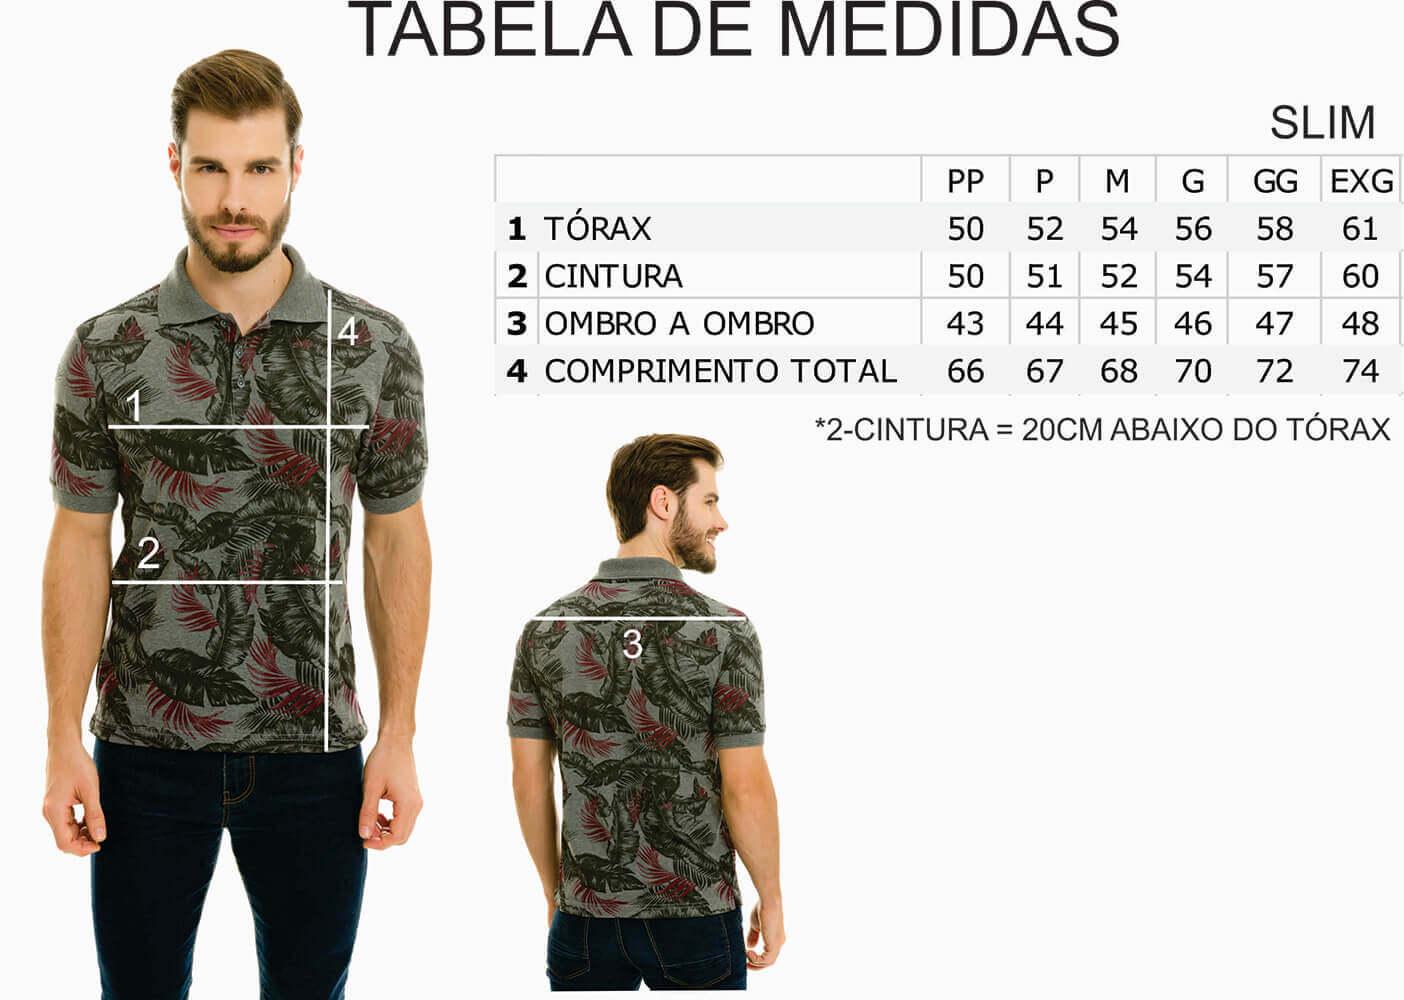 Camisa Gola Polo Olimpo Meia Malha Floral Mescla